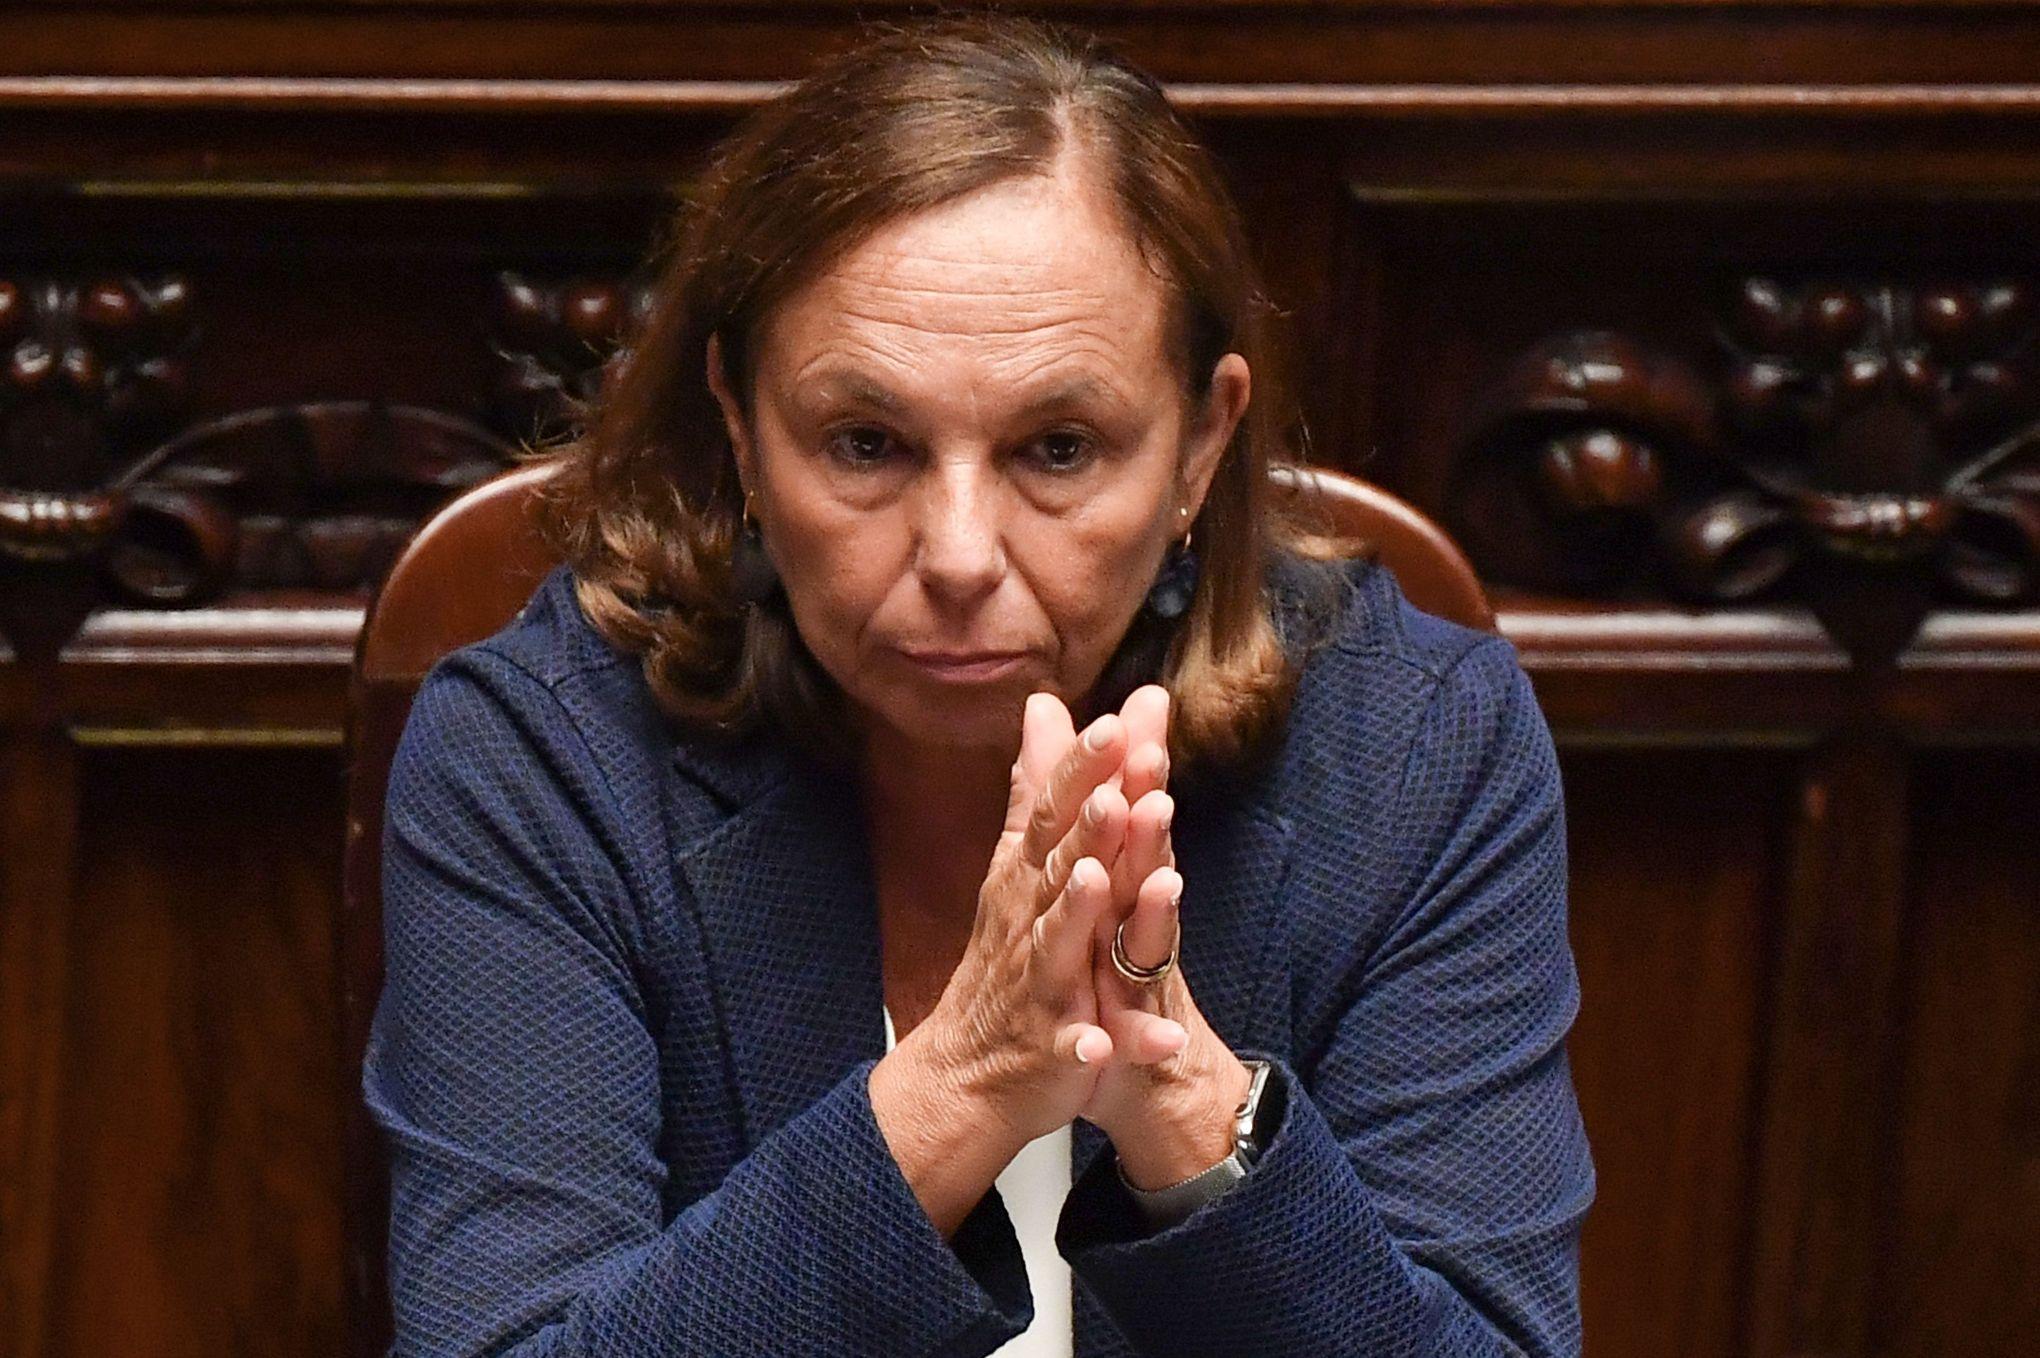 Valérie Segond